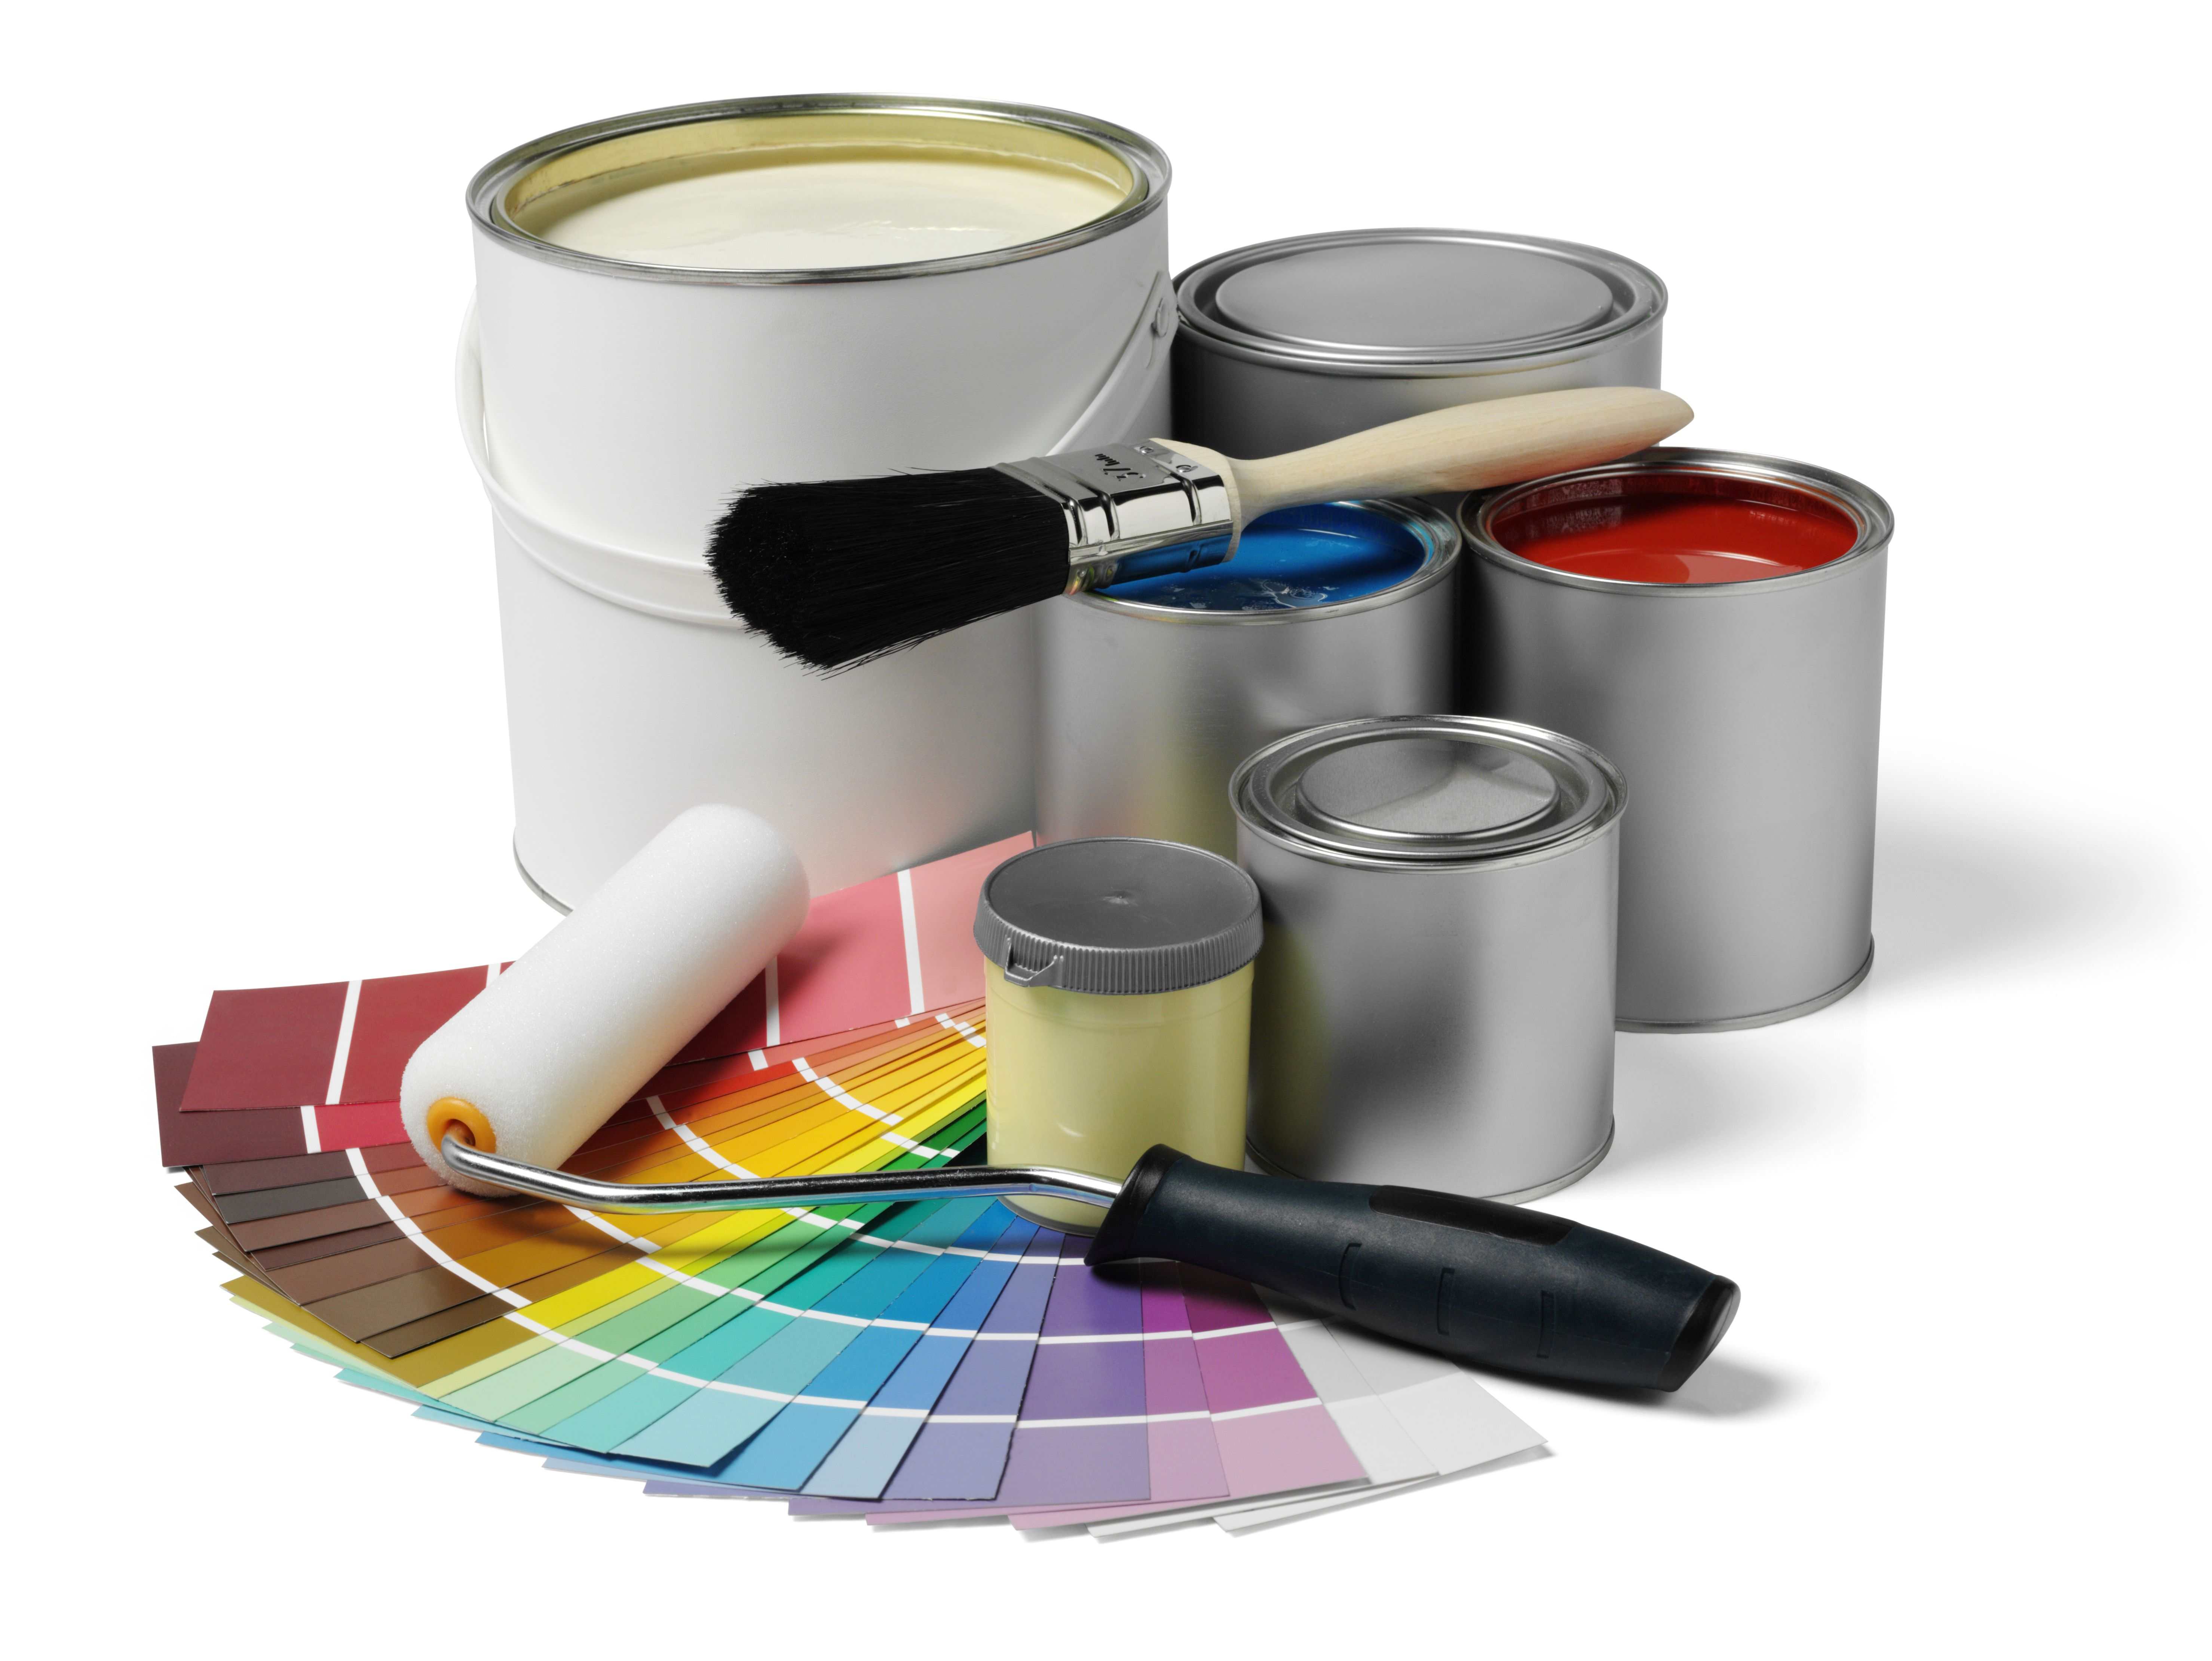 Pinturas: Servicios de Pavimentos y Pinturas JBA